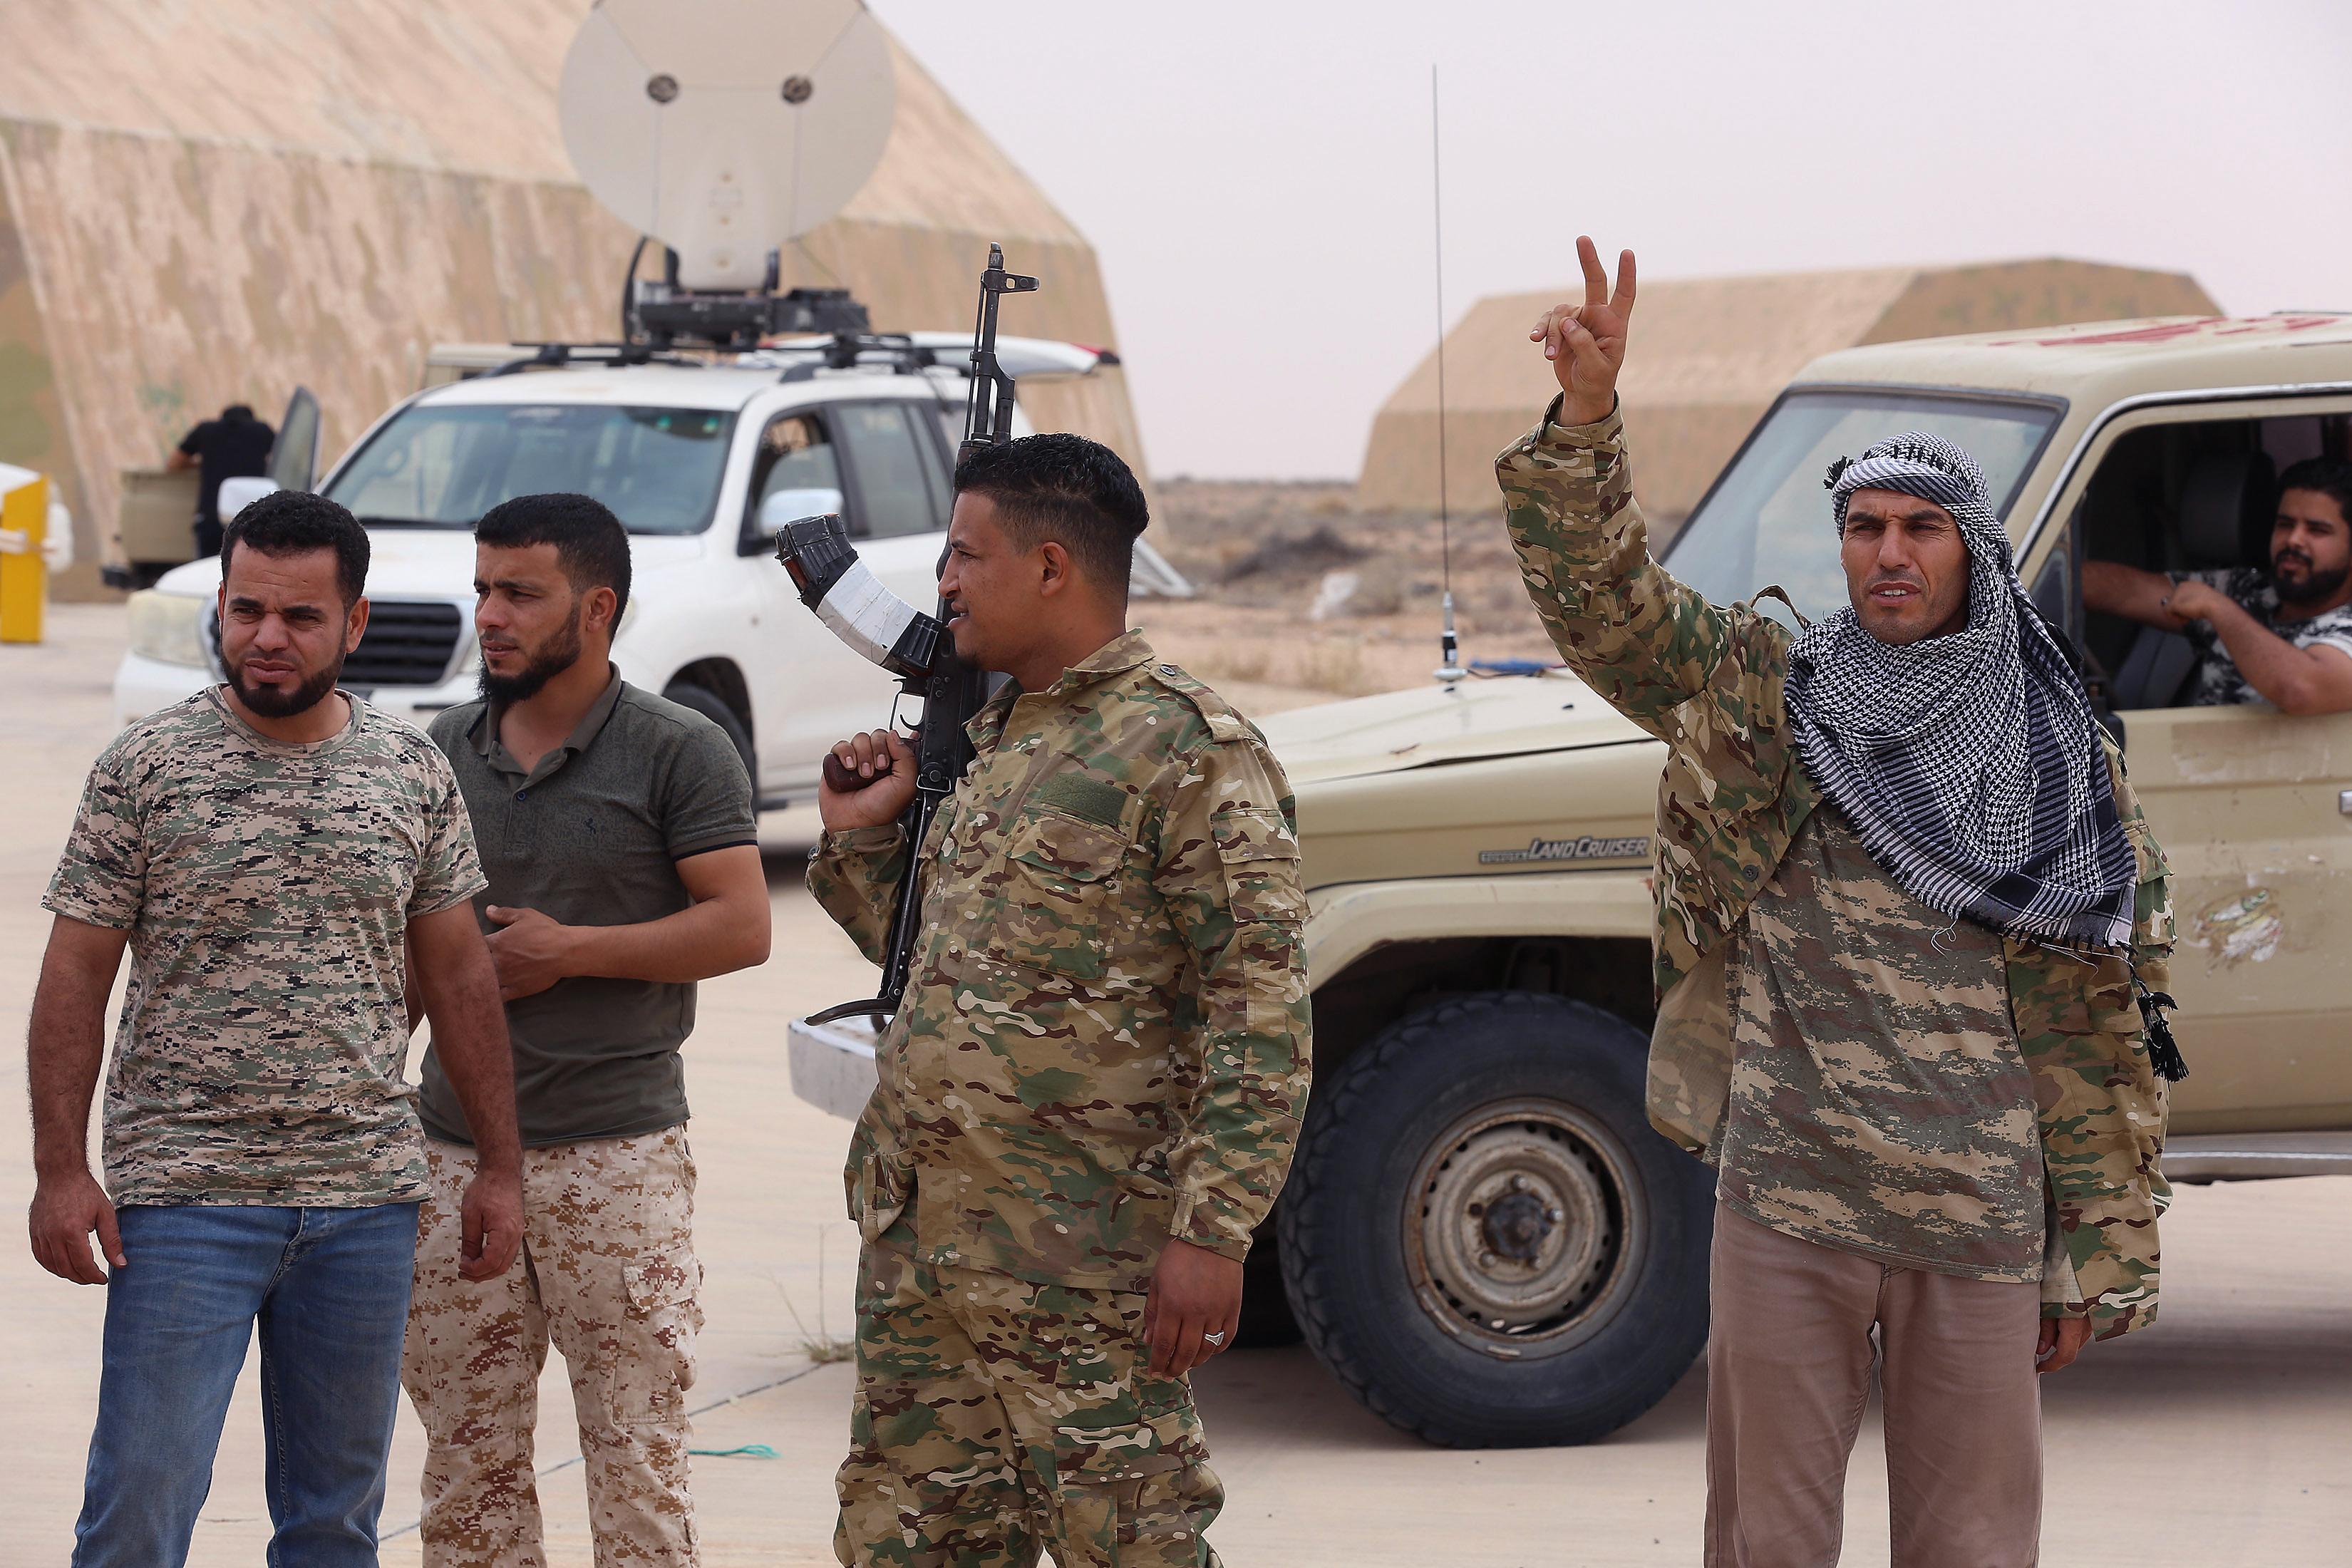 حفتر صفر على الشمال .. سلسلة هزائم في ليبيا تنذر بخسارة كبرى   الحرة